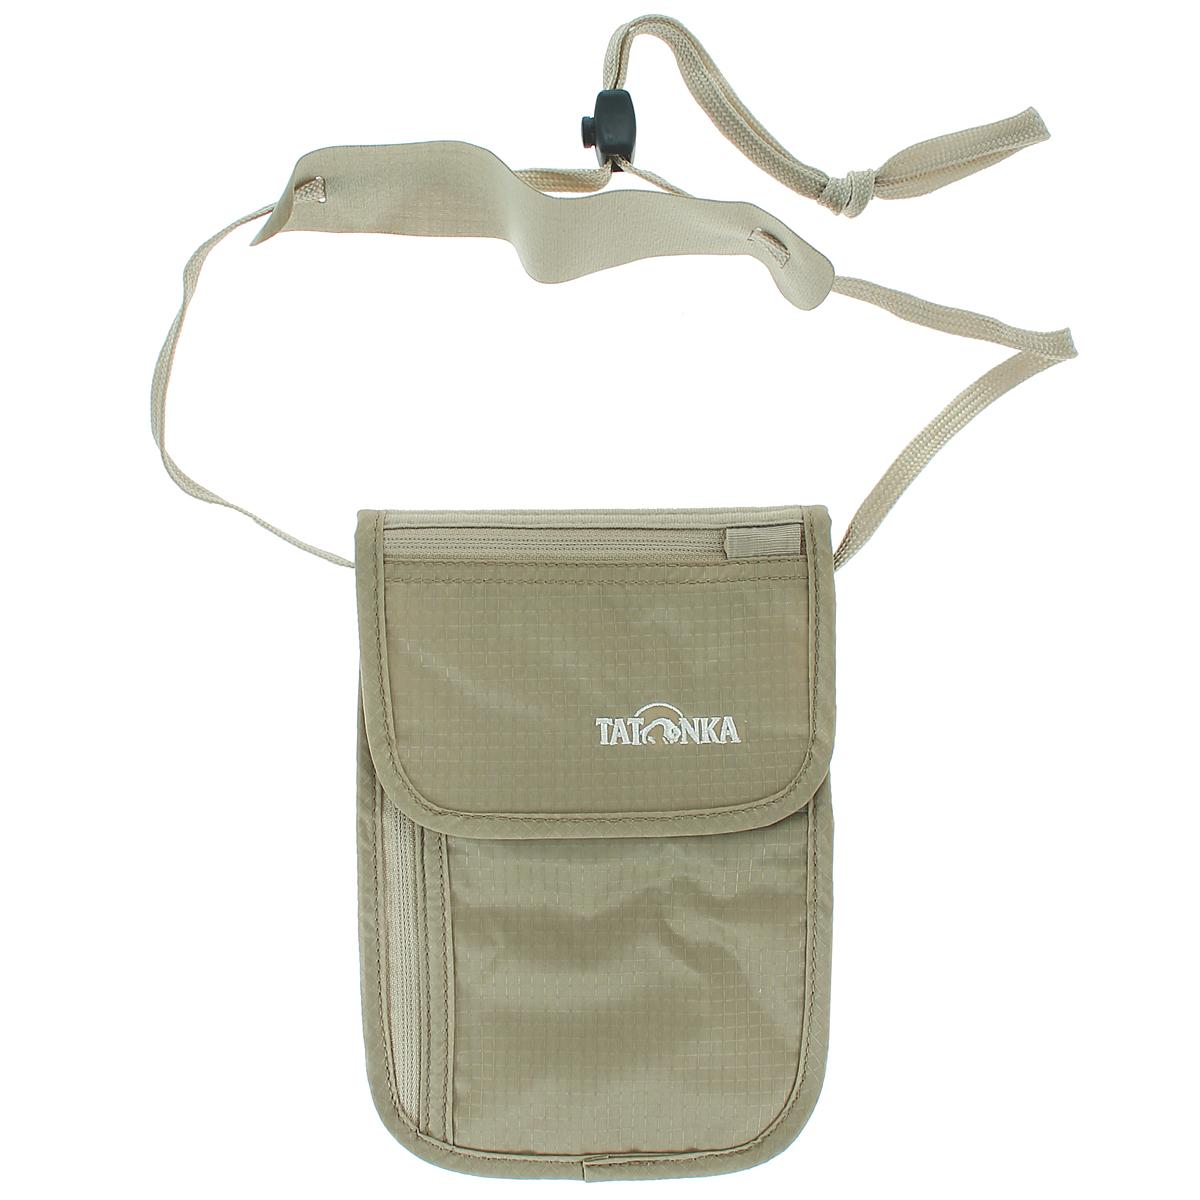 Кошелек шейный Tatonka Skin Neck Pouch, потайной, цвет: бежевыйГризлиПотайной кошелек Tatonka Skin Neck Pouch носится на шее. Этот кошелек с клапаном на липучке внутри имеет глубокое отделение, большой карман на застежке-молнии и два маленьких кармашка. На клапане имеется небольшой кармашек на застежке-молнии. С обратной стороны для большего комфорта изделие дополнено мягкой тканью. Кошелек крепится на шее при помощи шнурка со стоппером и комфортной подкладкой. Материал: 210 T Nylon Ripstop.